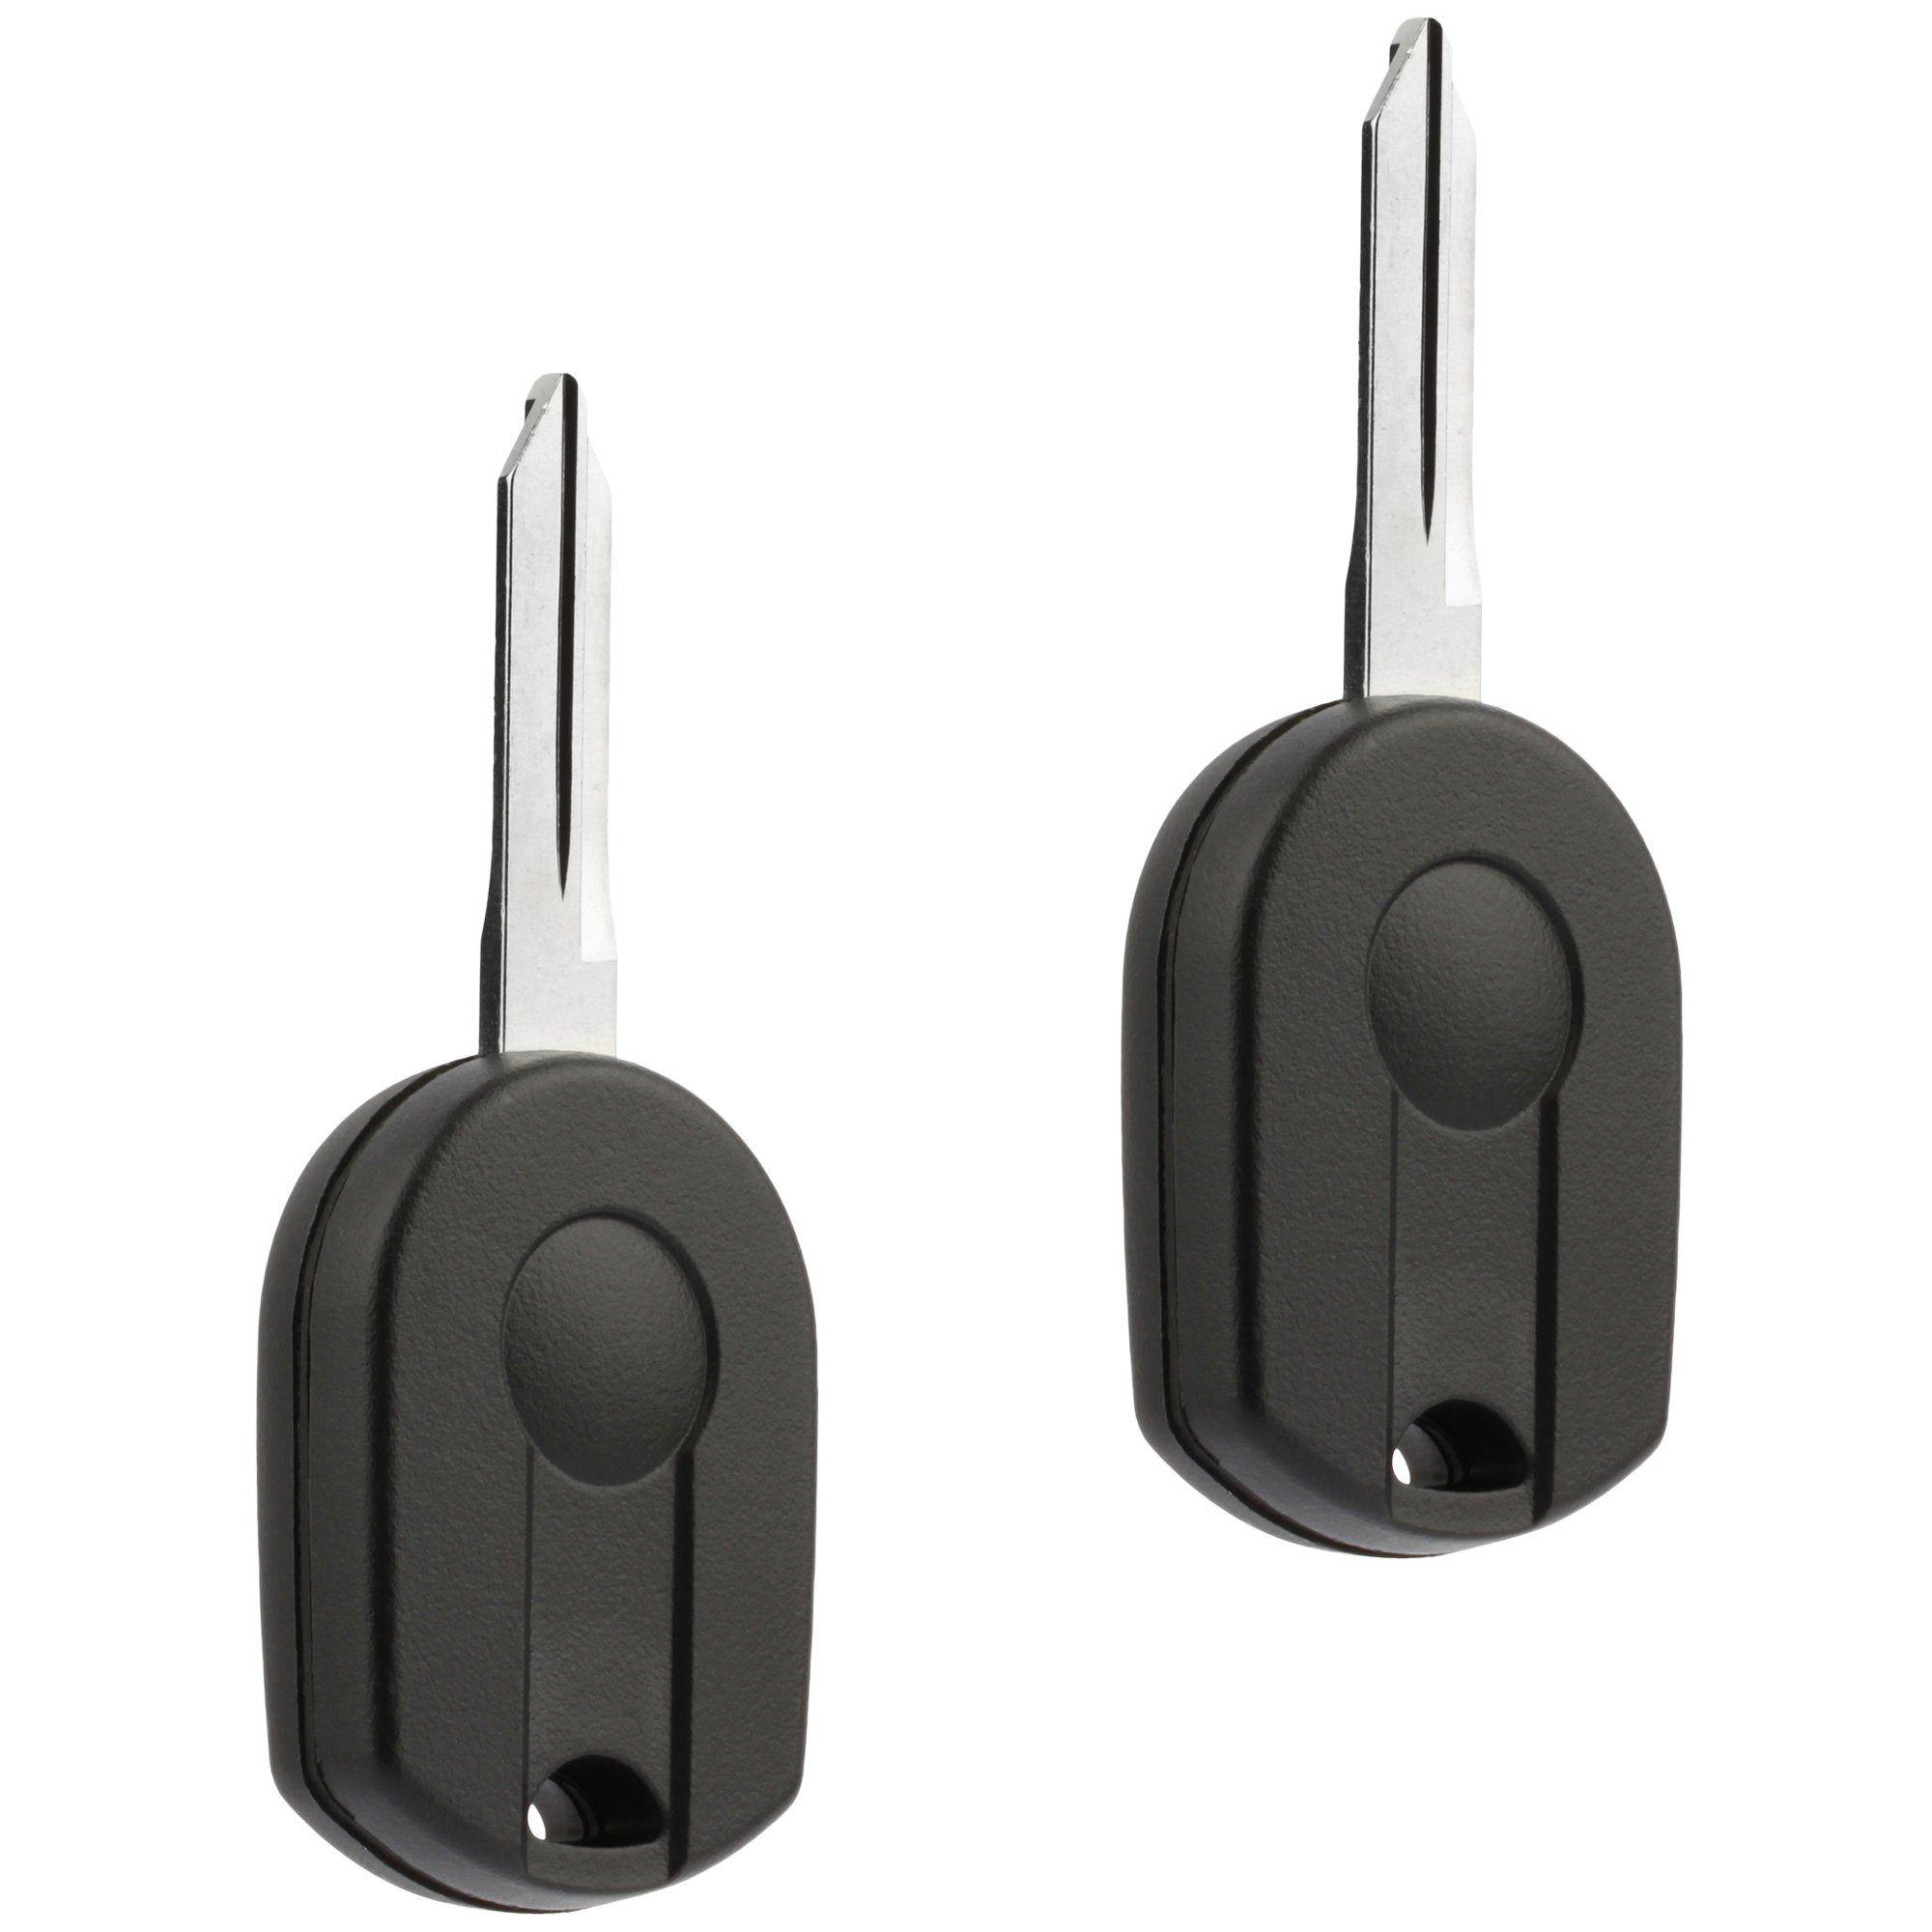 Car Key Fob Keyless Entry Remote Start Fits Ford Lincoln Mercury Mazda Cwtwb1u793 4 Btn Guaranteed To Program Ad Rem Car Key Fob Keyless Remote Start